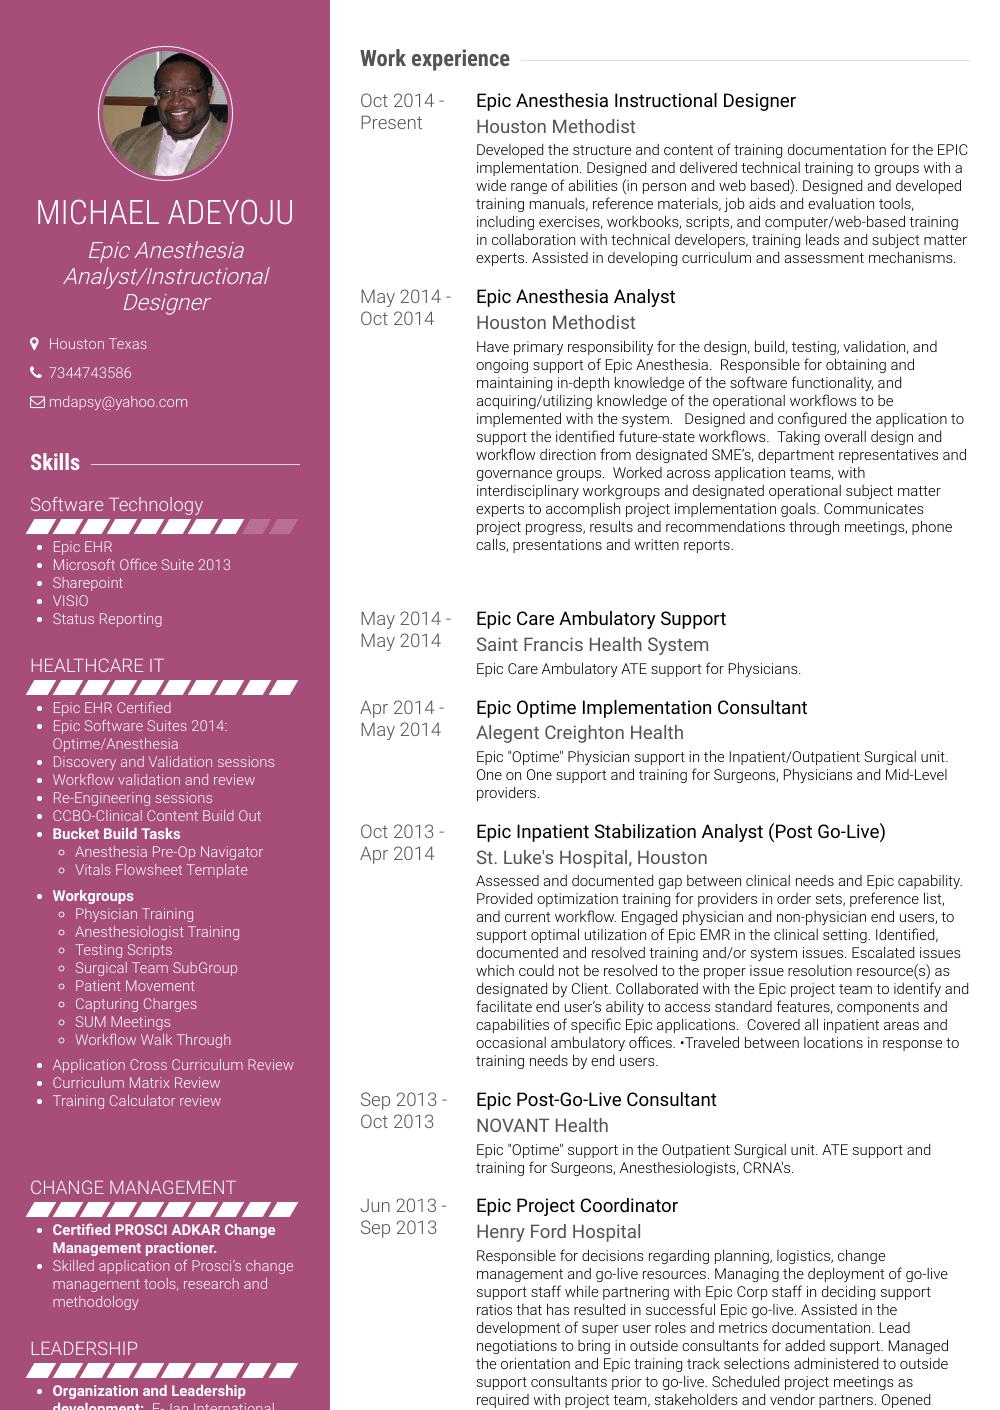 designer cover letter resume examples